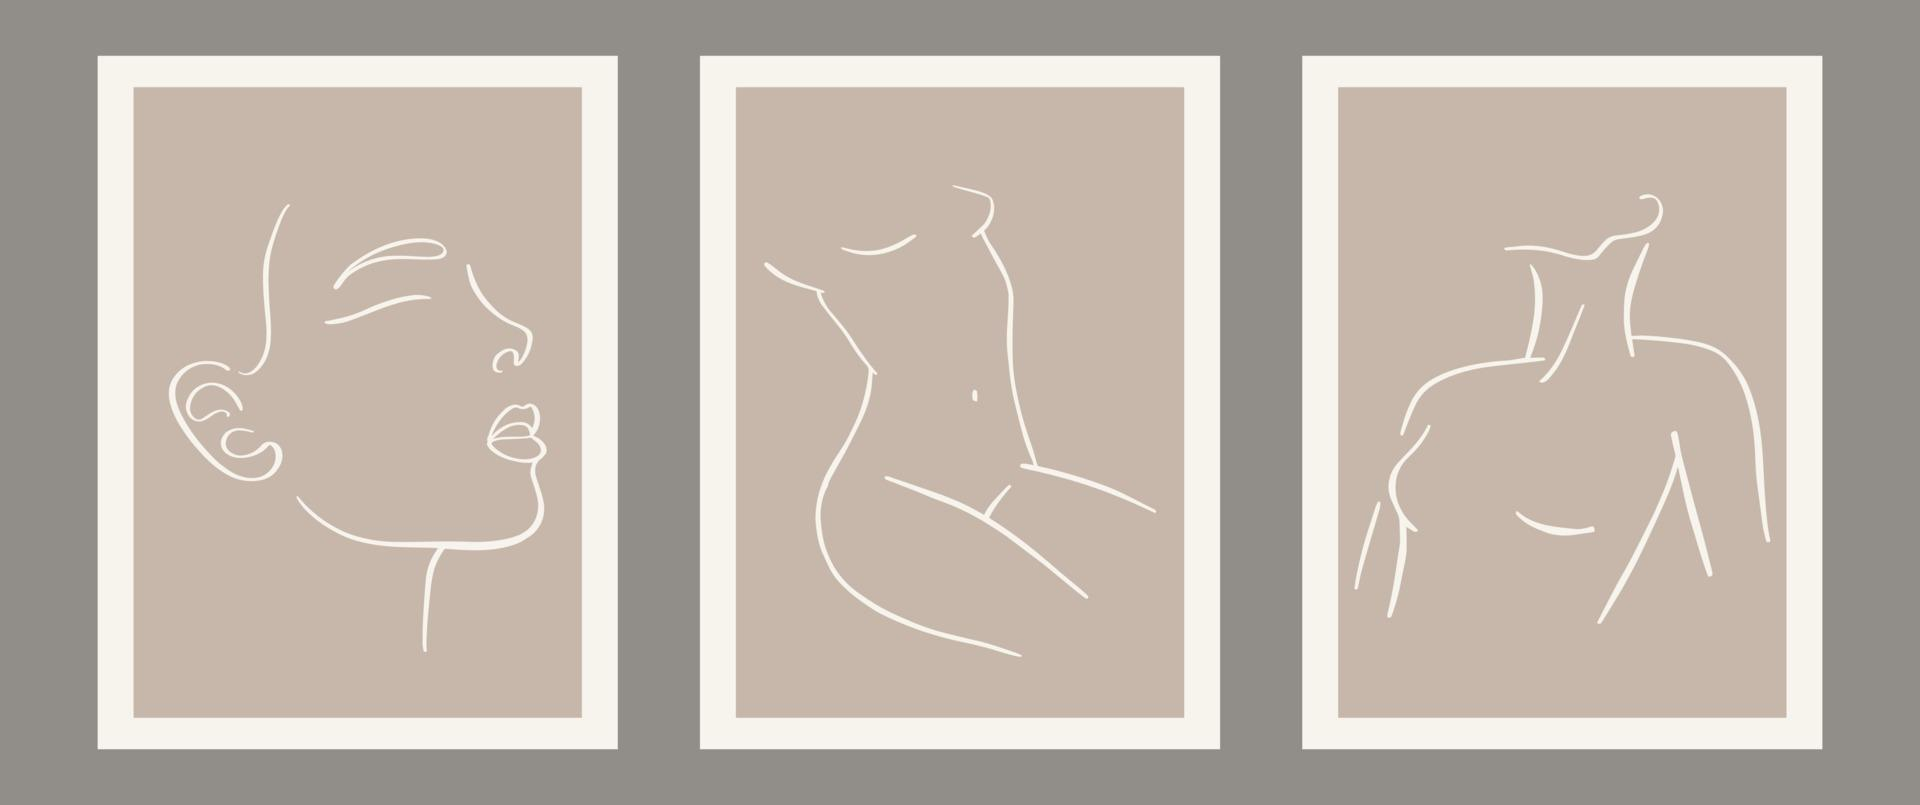 conjunto contemporâneo de composição de silhueta de mulher minimalista e abstrata vetor